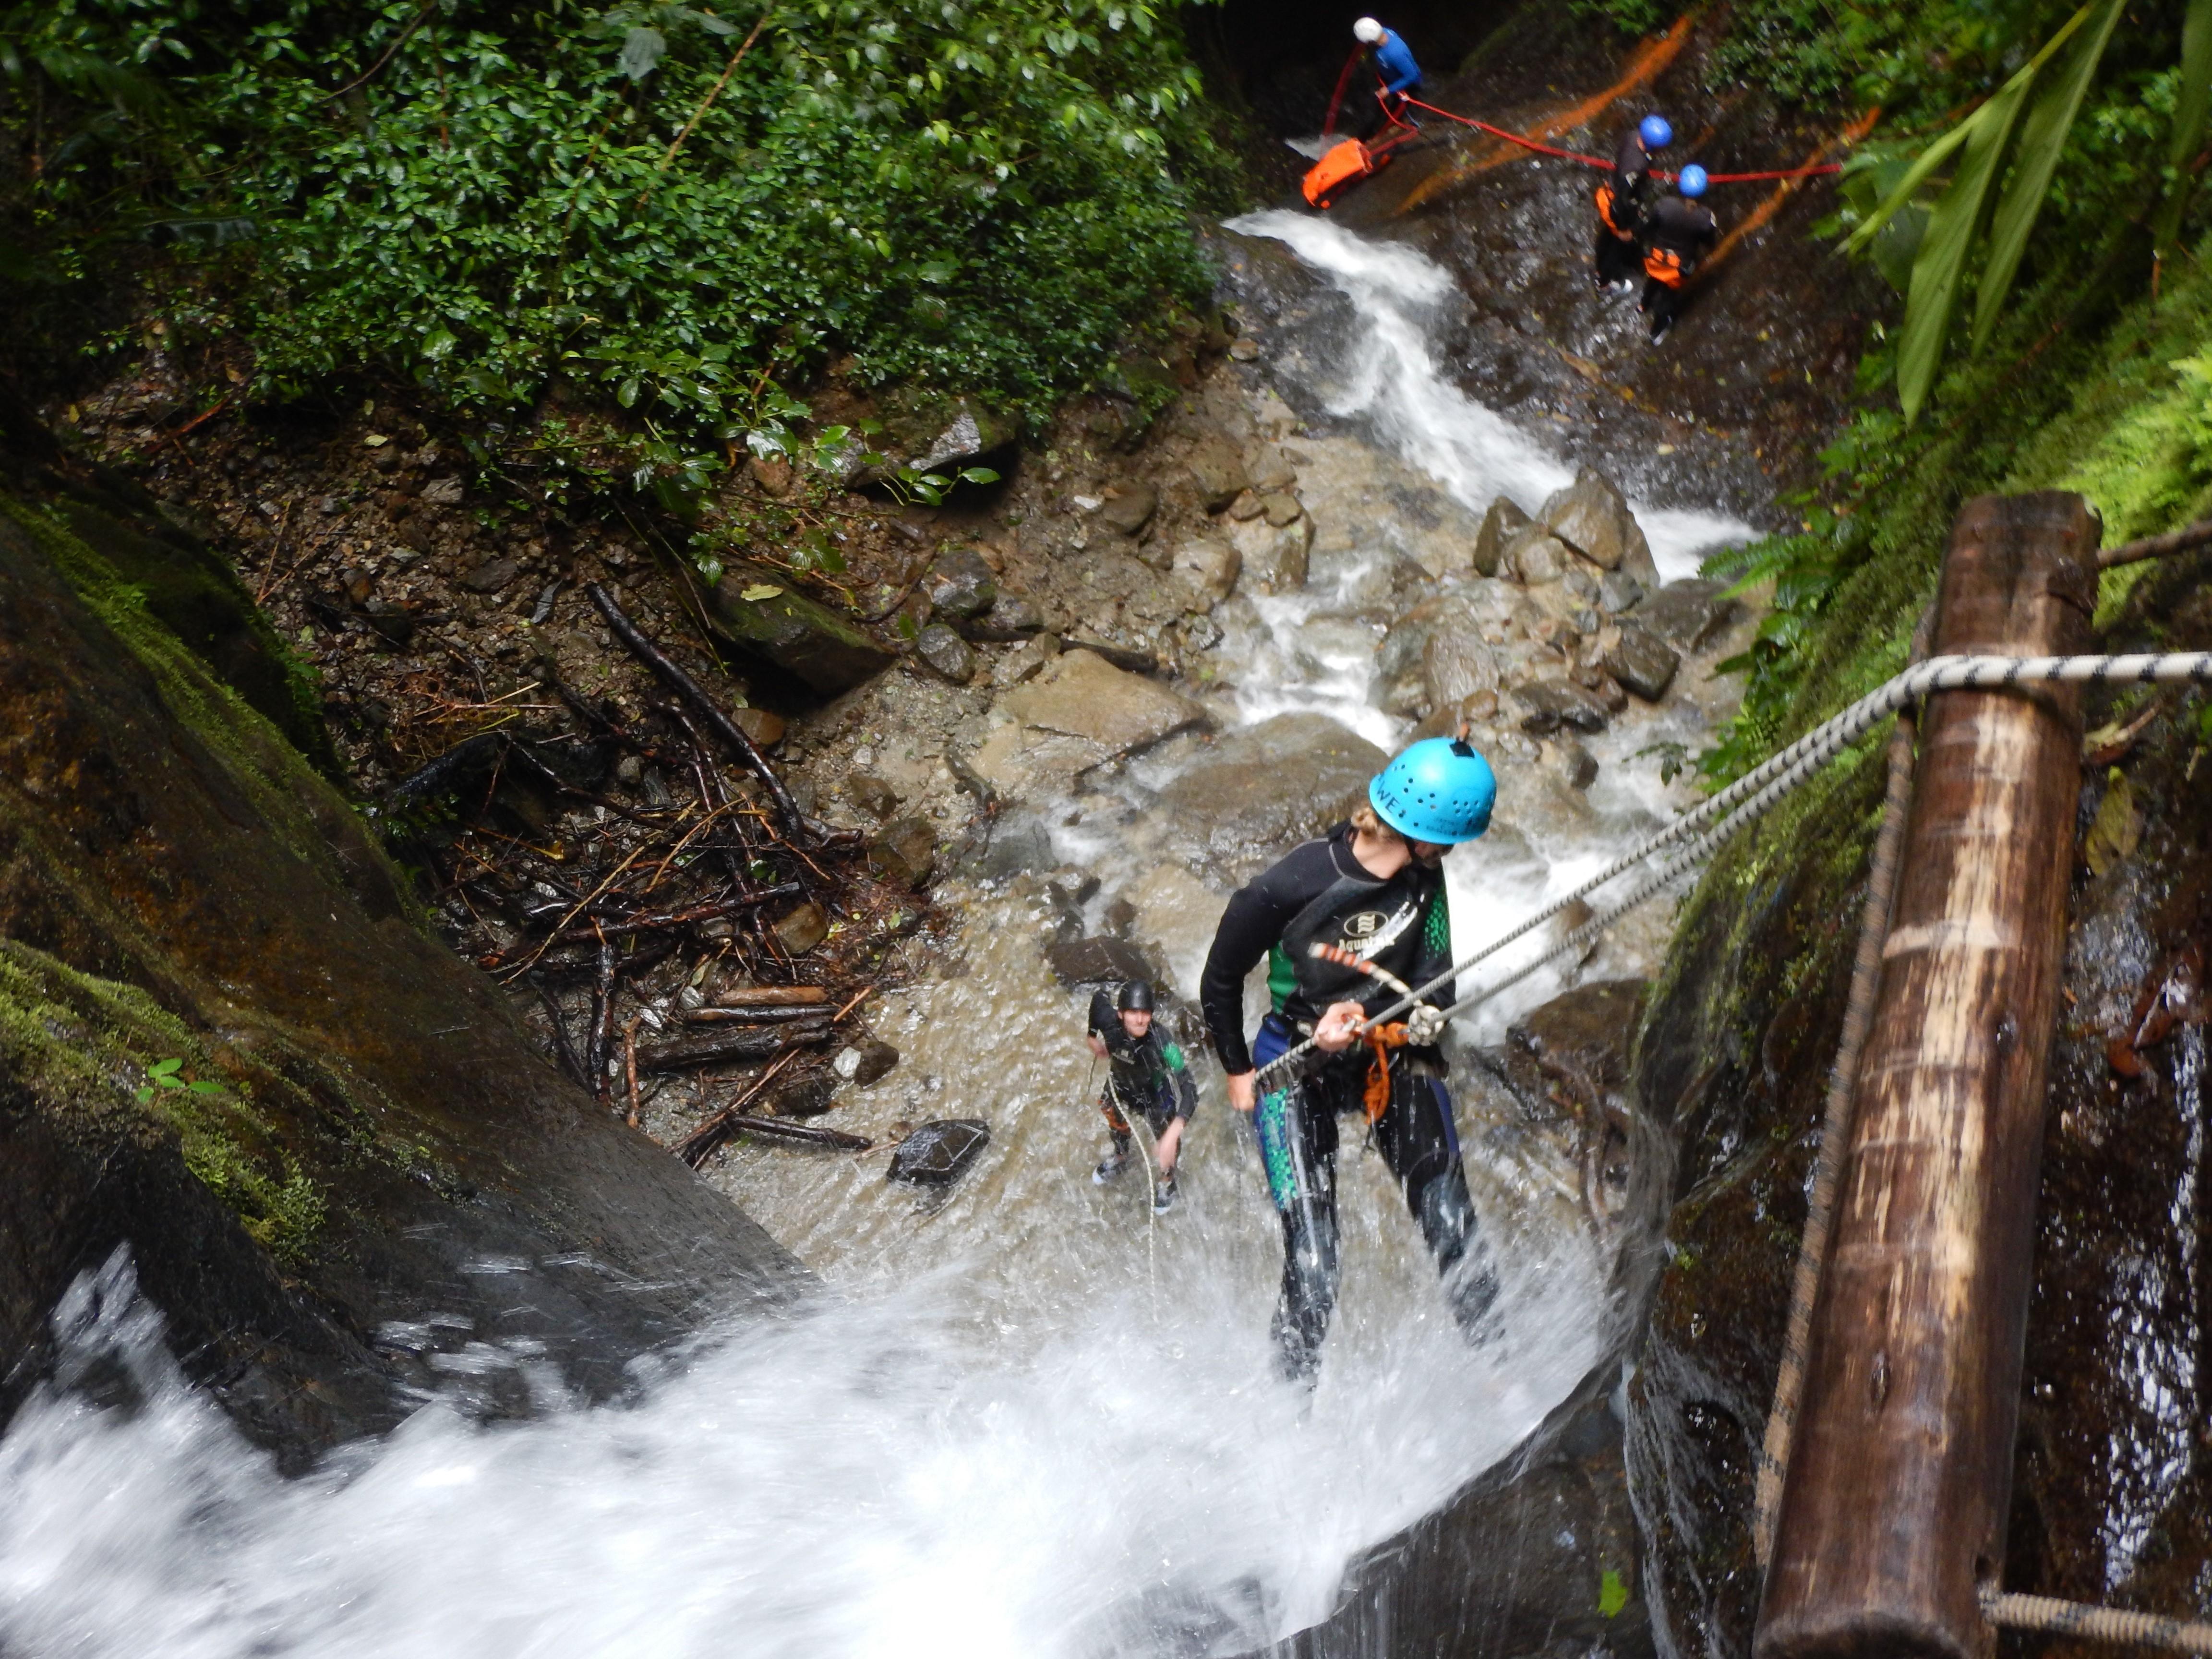 Descente en rappel dans une cascade du rio blanco, près de Baños.